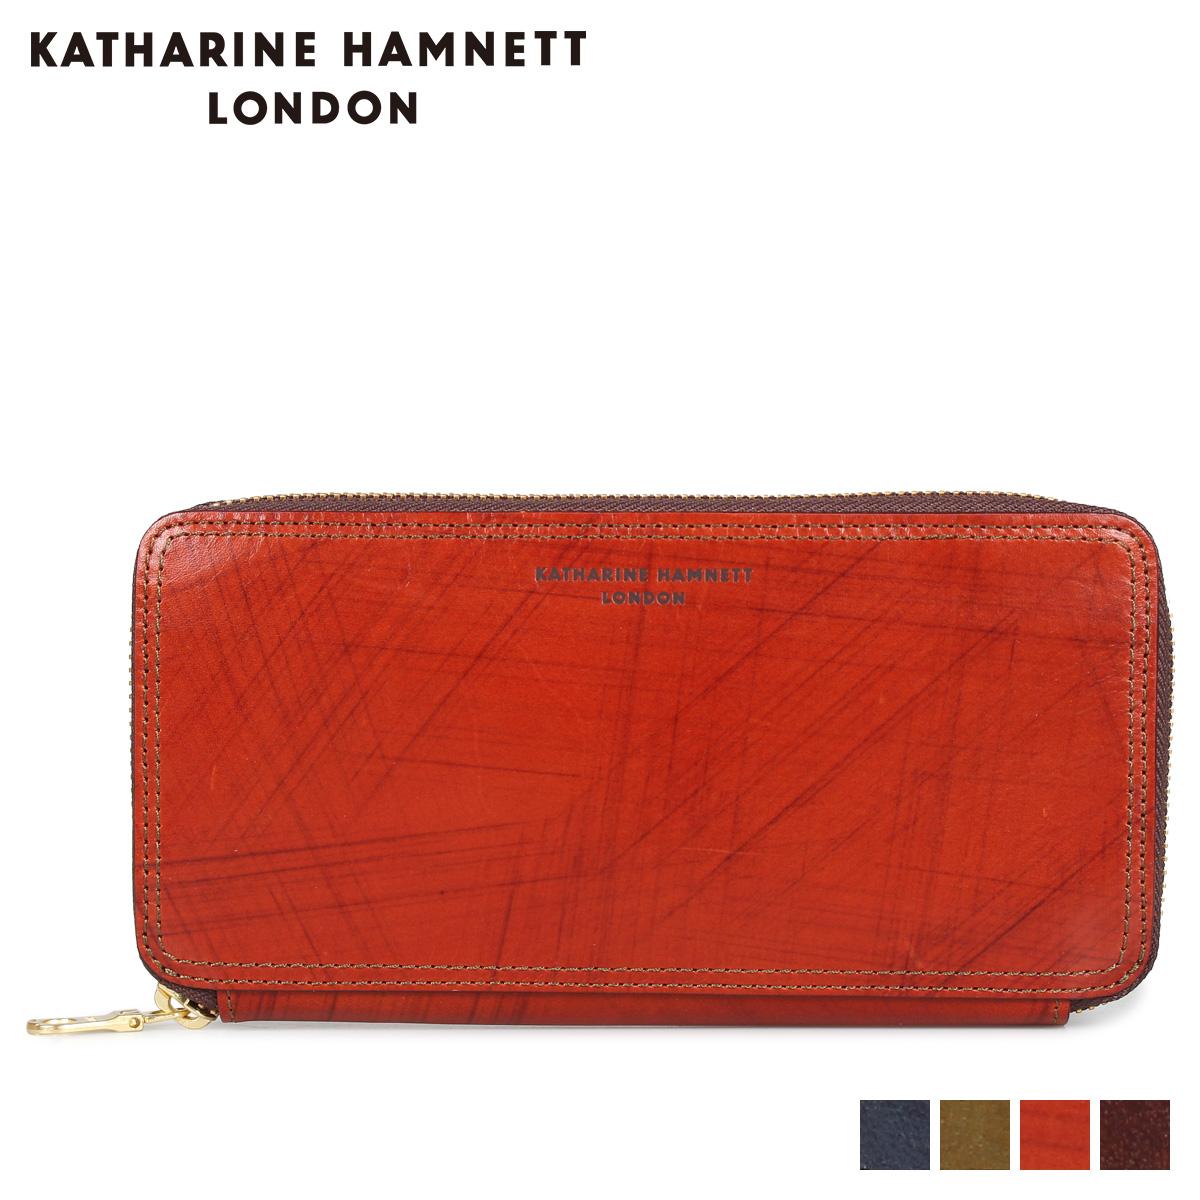 KATHARINE HAMNETT LONDON WALLET キャサリンハムネット ロンドン 財布 長財布 メンズ ラウンドファスナー ネイビー オリーブ ブラウン ダークブラウン KH-1214015